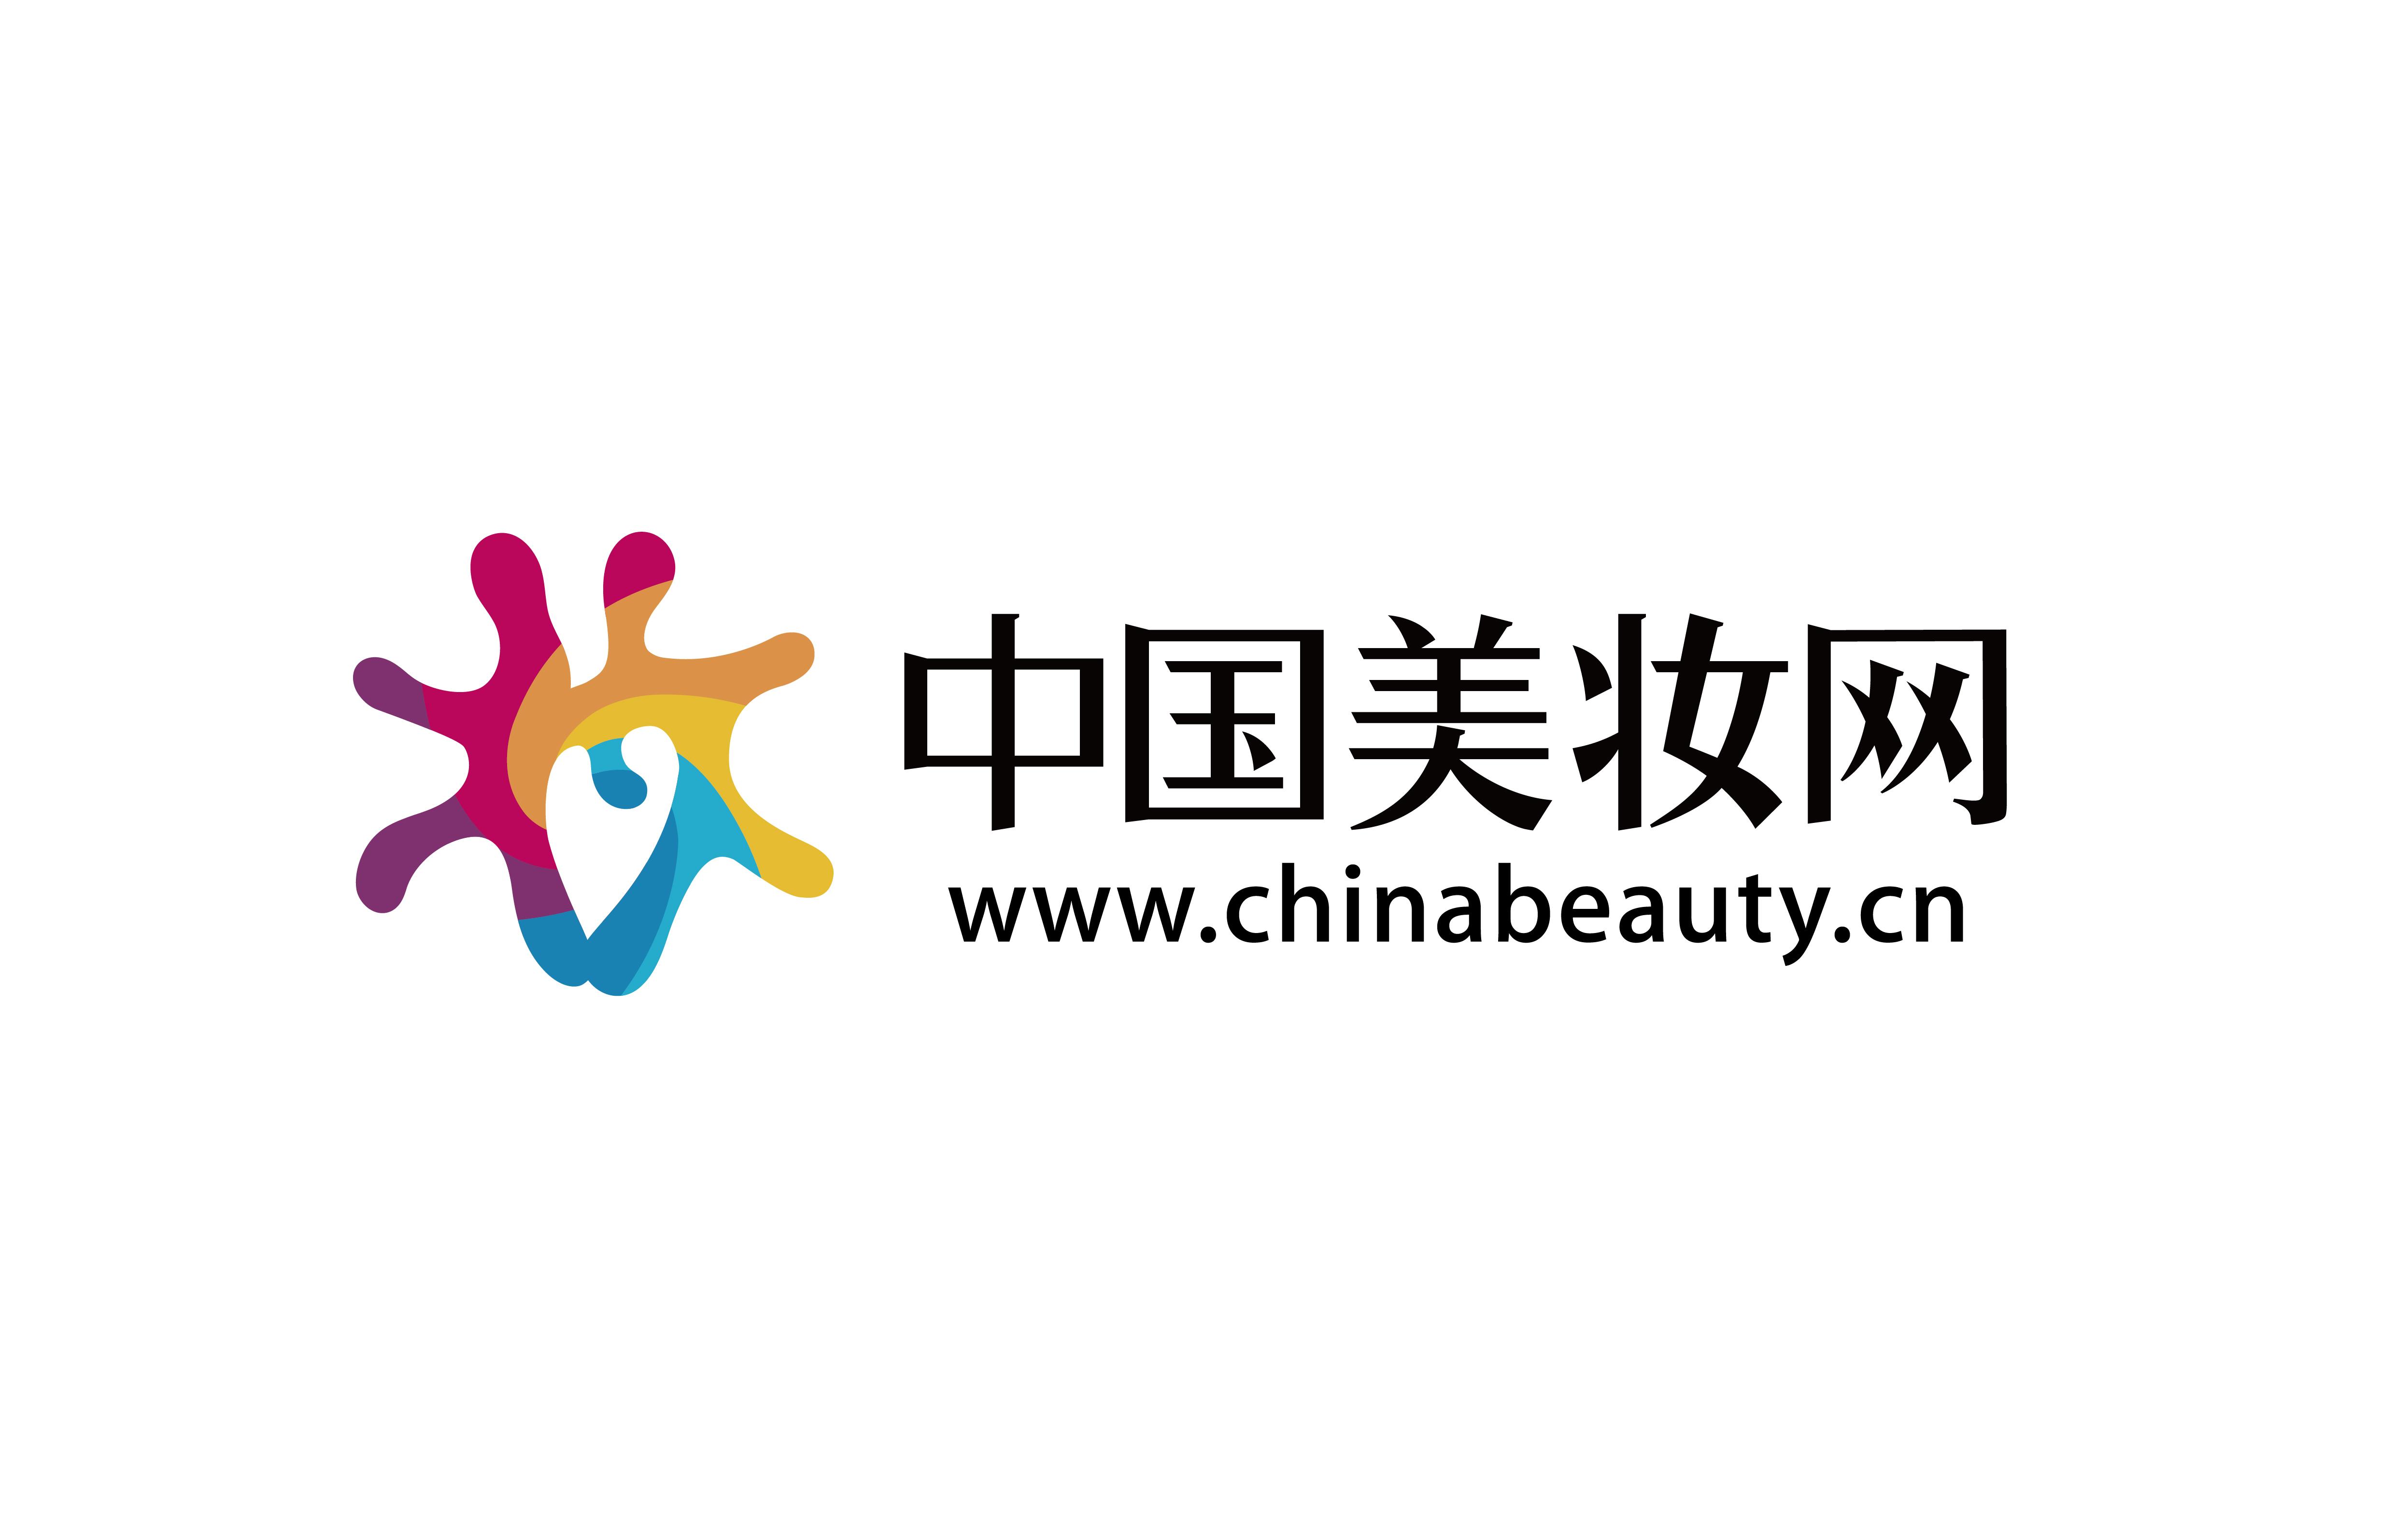 中国美妆网